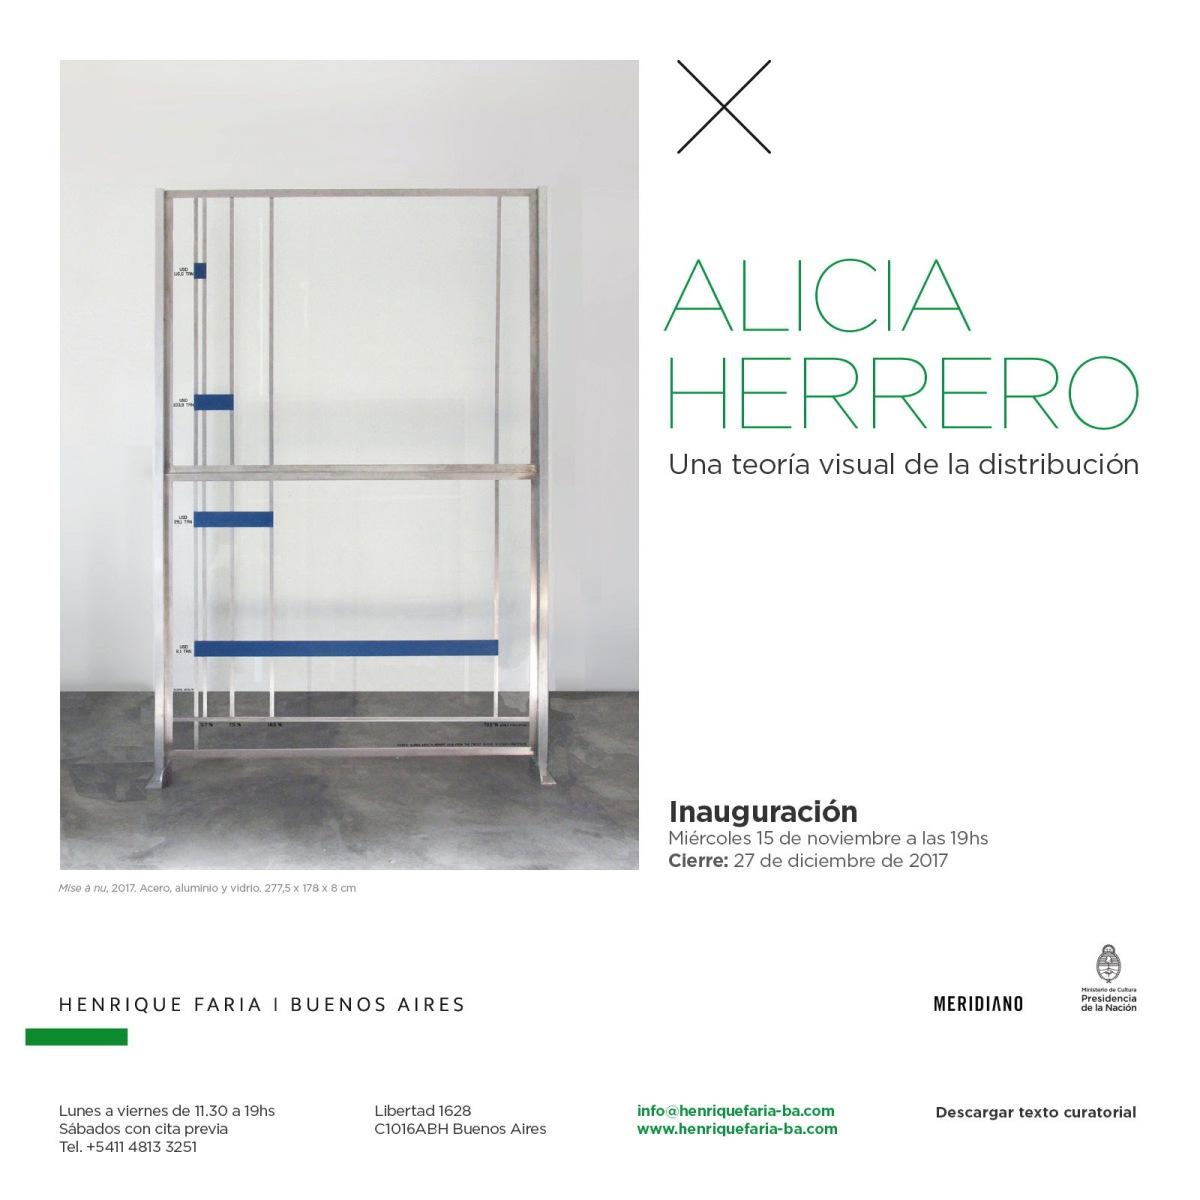 ALICIA HERRERO| UNA TEORIA VISUAL DE LA DISTRIBUCION